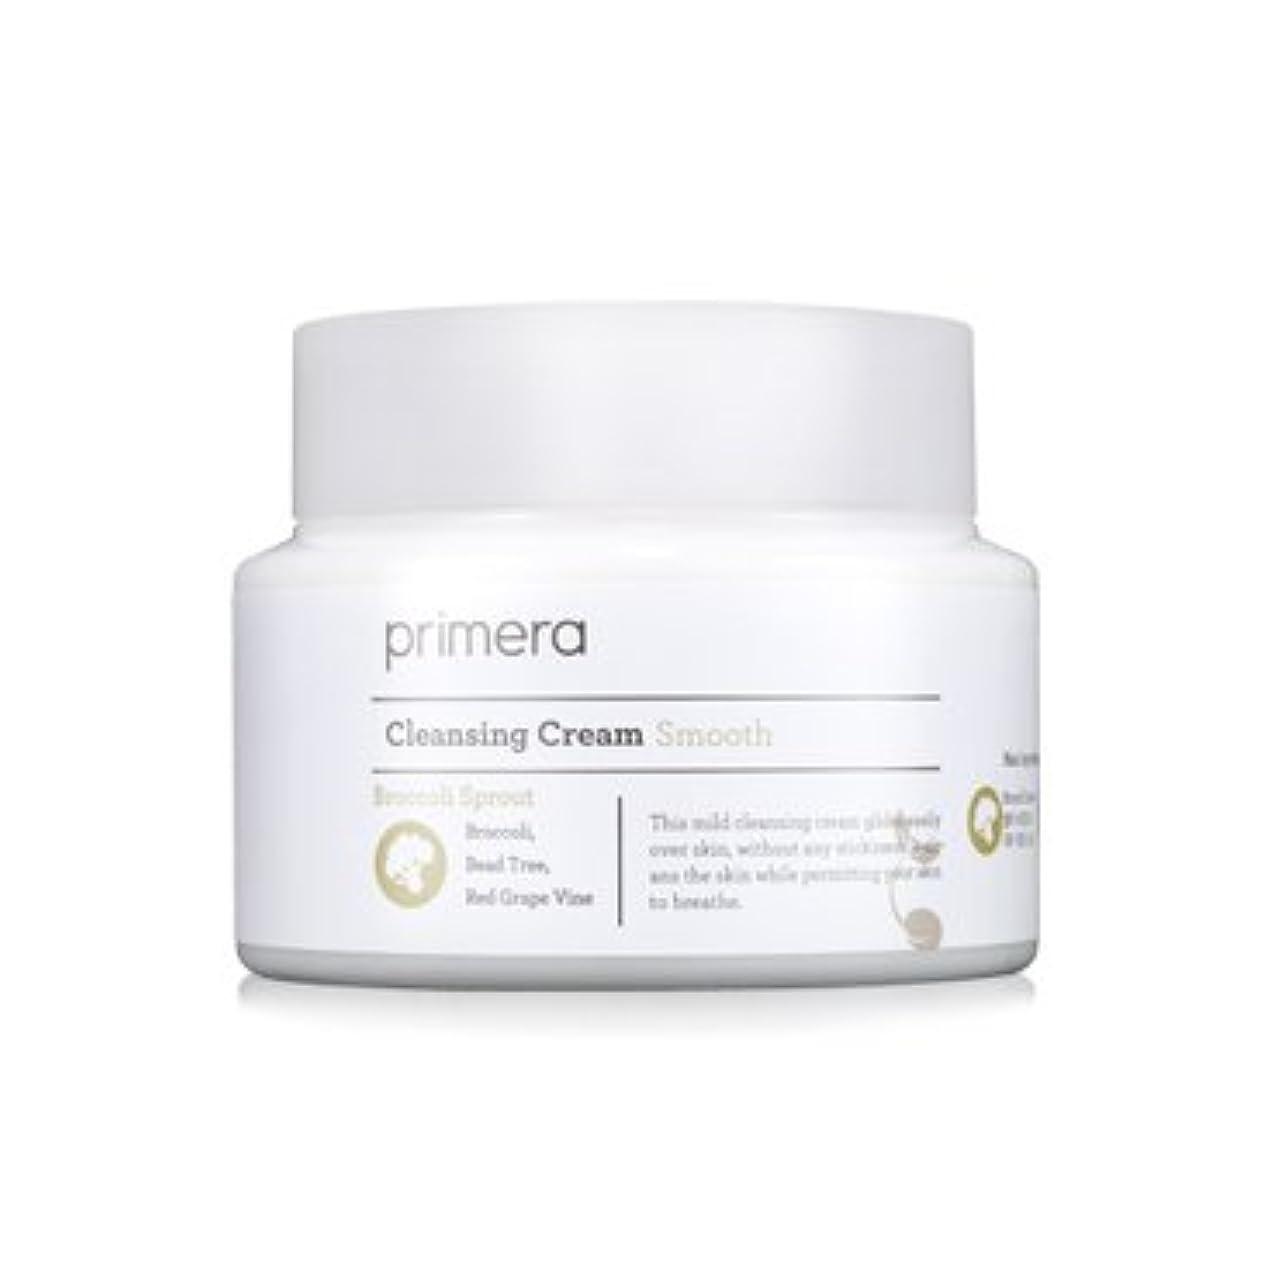 ワイプメリーブラウンPRIMERA プリメラ スムース クレンジング クリーム(Smooth Cleansing Cream)250ml